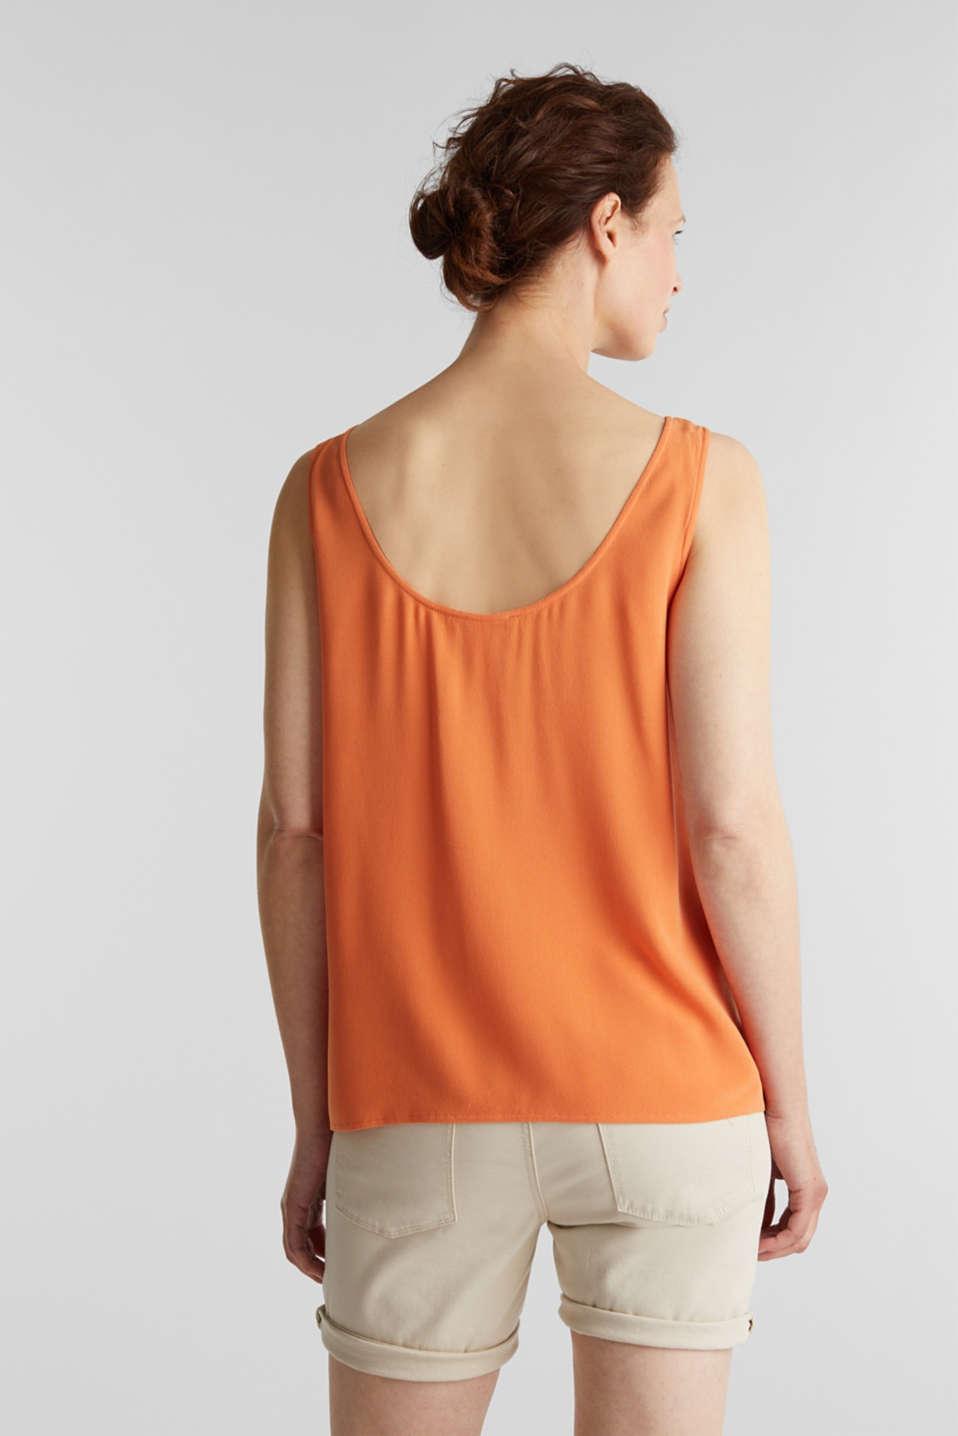 Flowing crepe blouse top, RUST ORANGE, detail image number 3